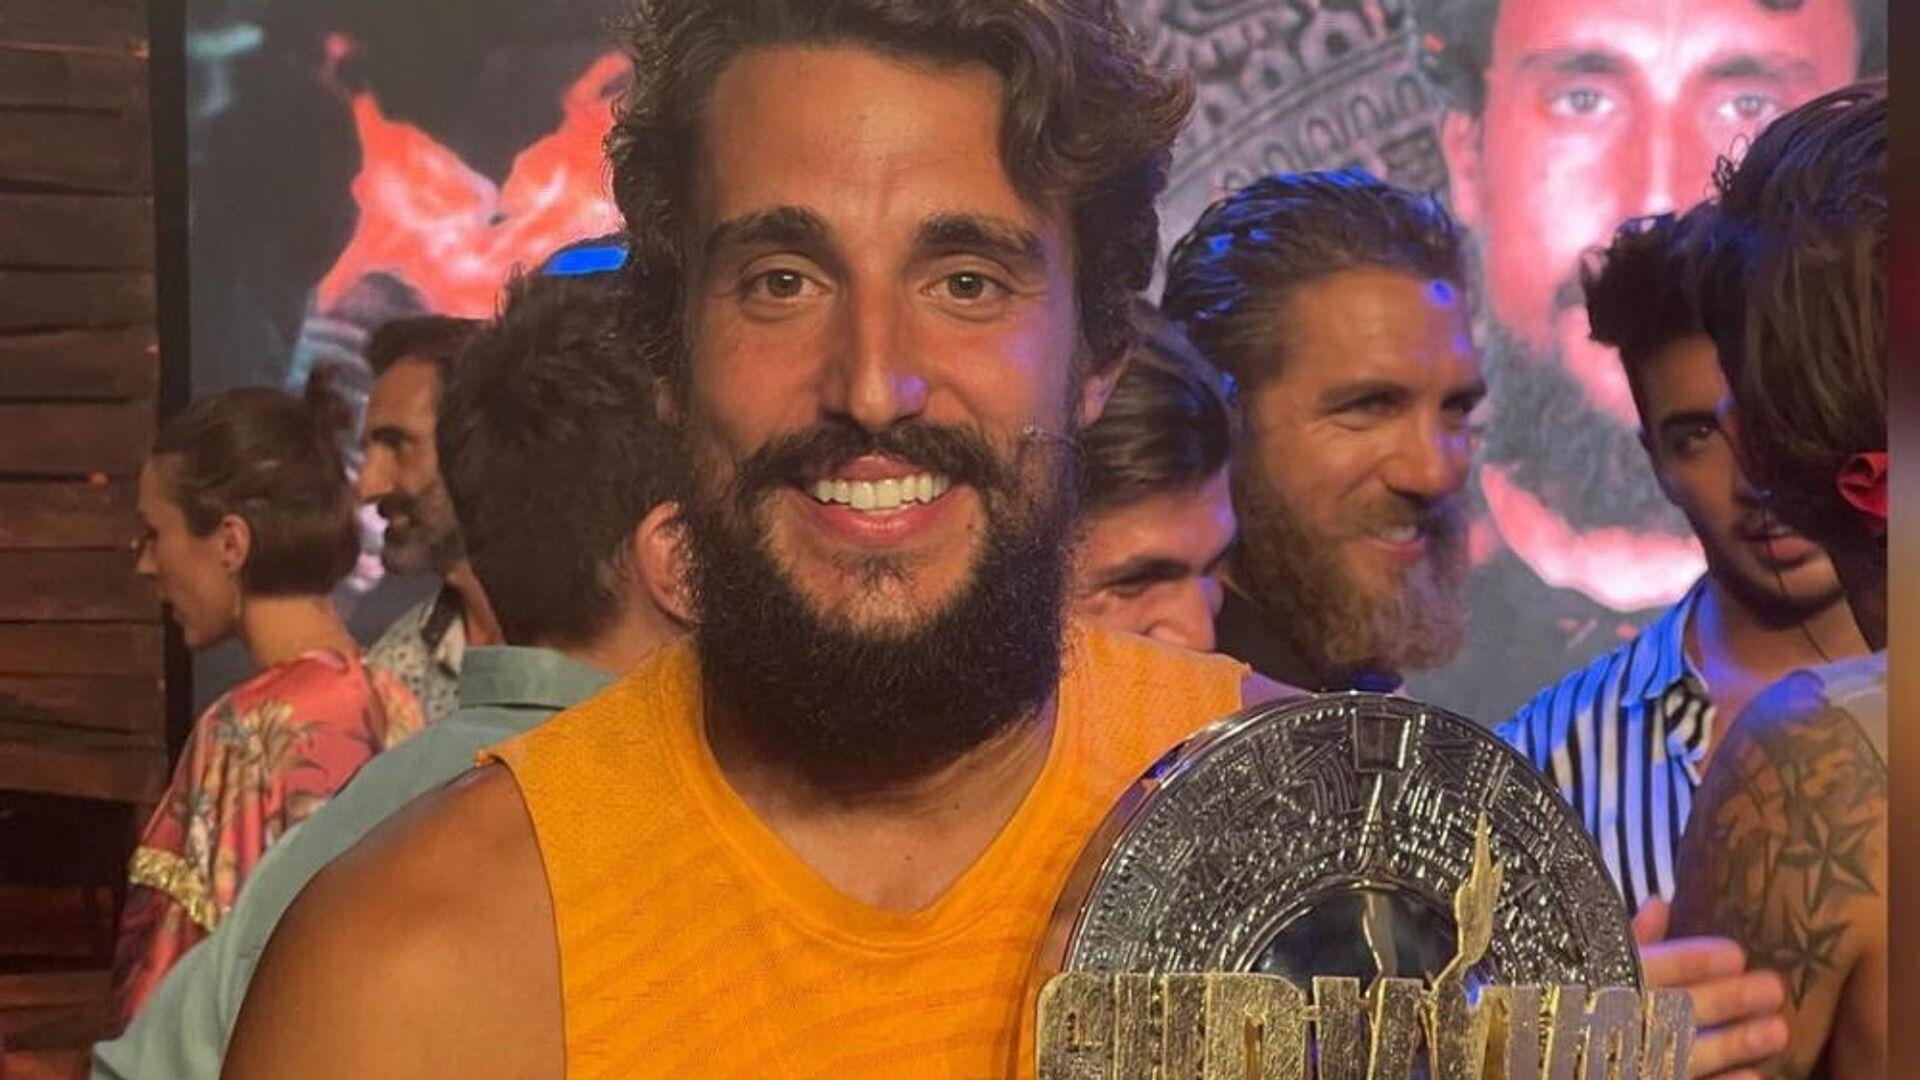 Ο νικητής του Survivor (ΣΚΑΪ), Σάκης Κατσούλης  - Sputnik Ελλάδα, 1920, 15.09.2021